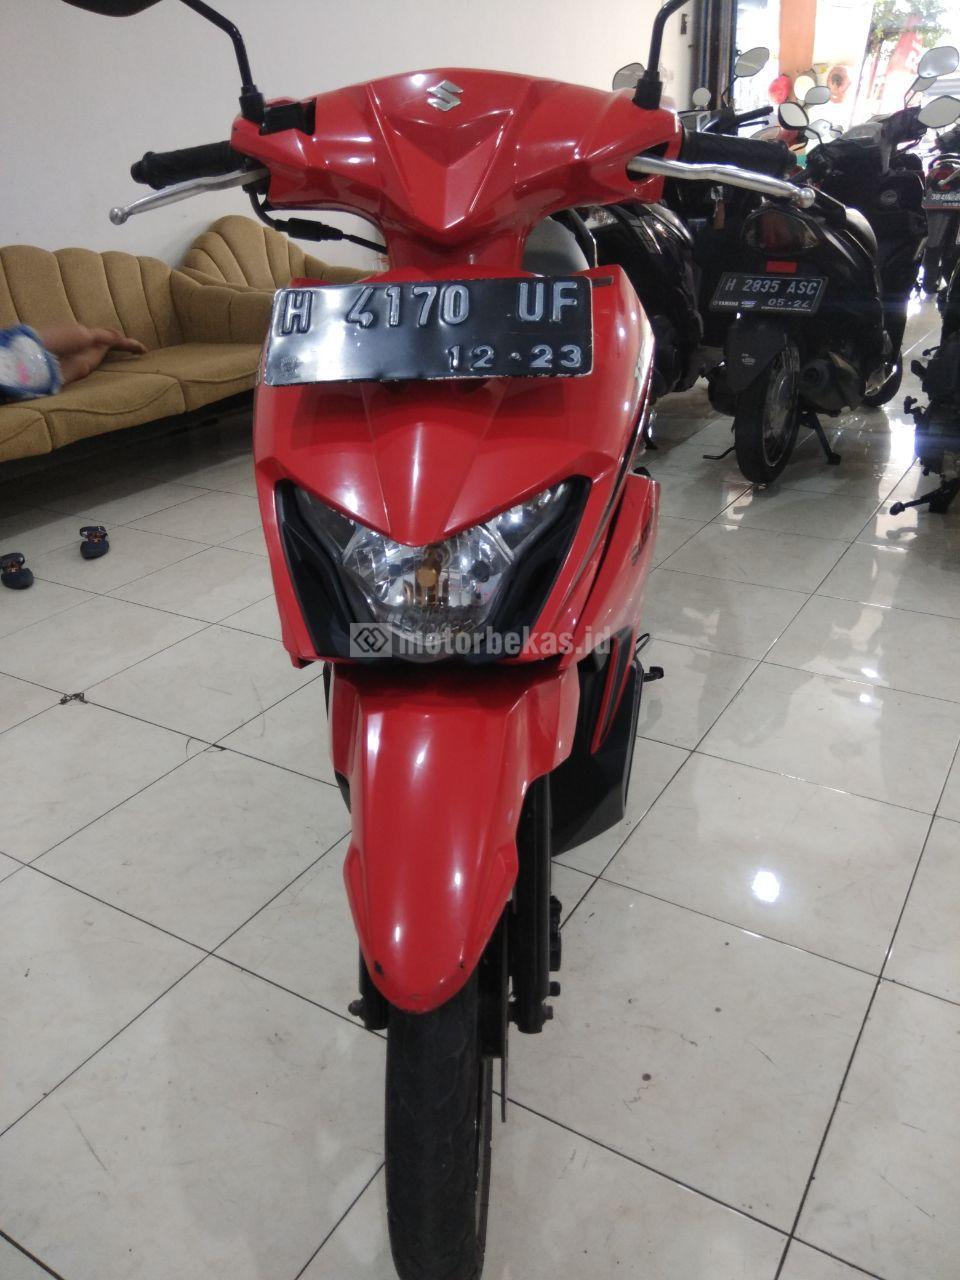 SUZUKI NEX  2139 motorbekas.id